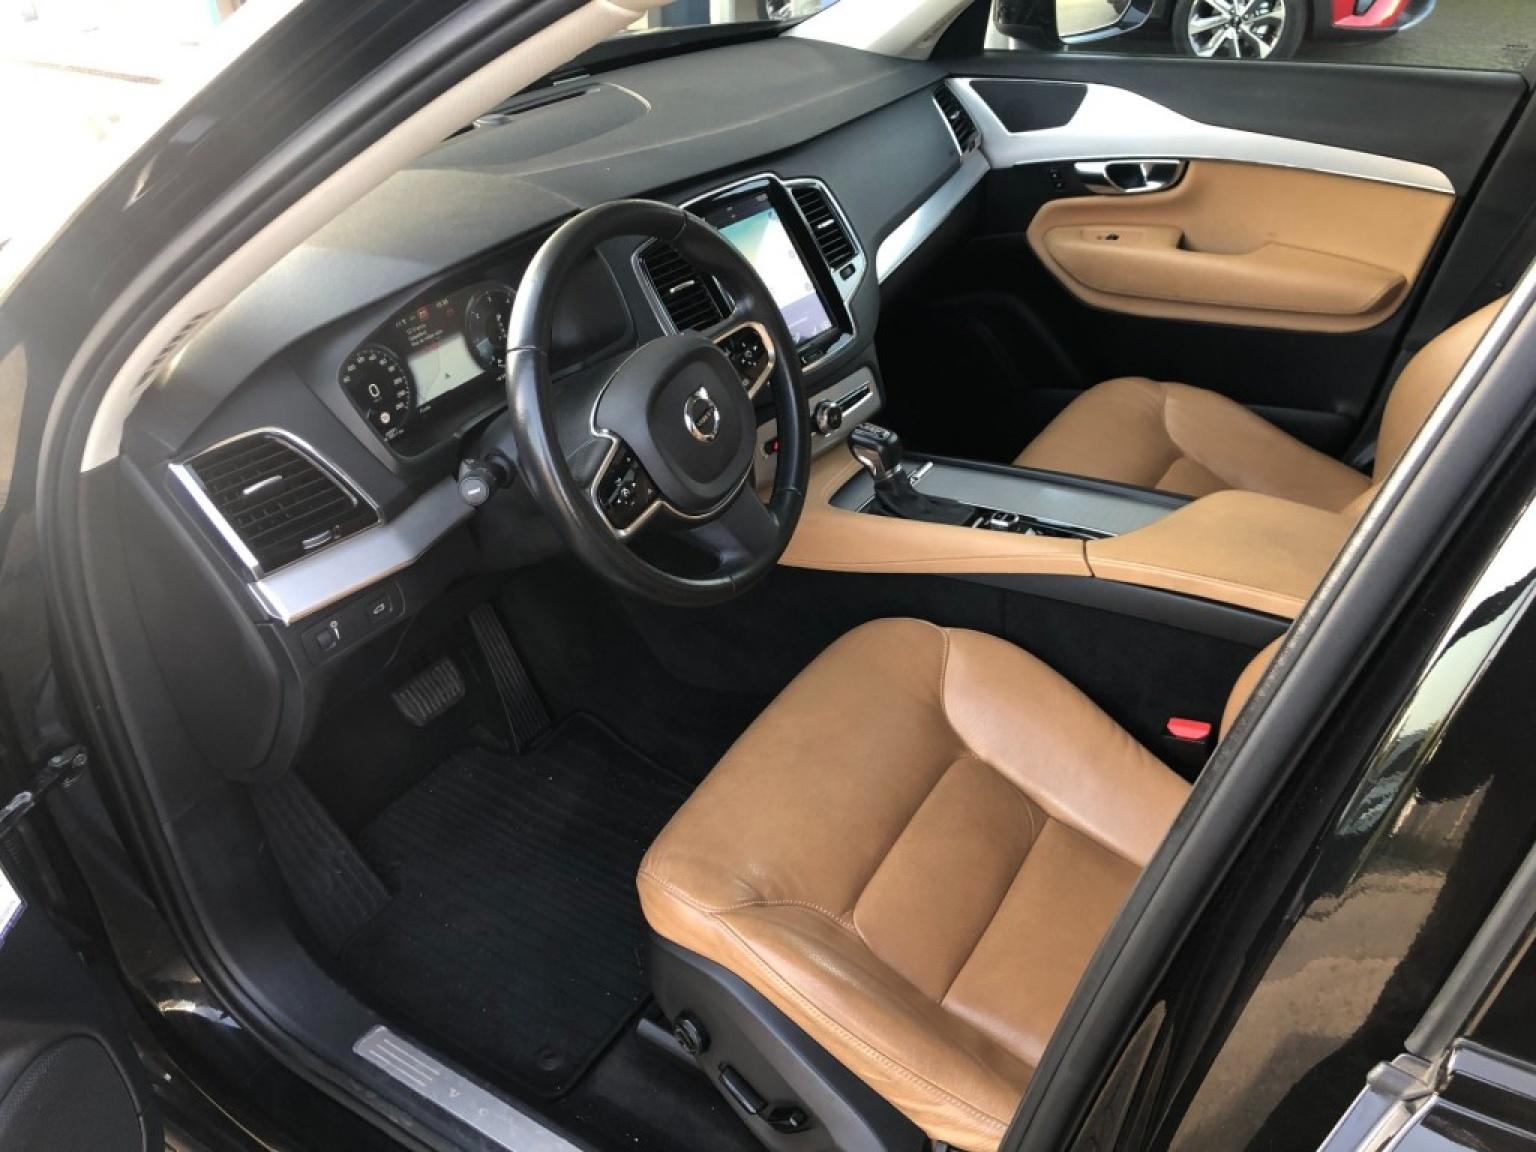 Volvo-Xc90-11